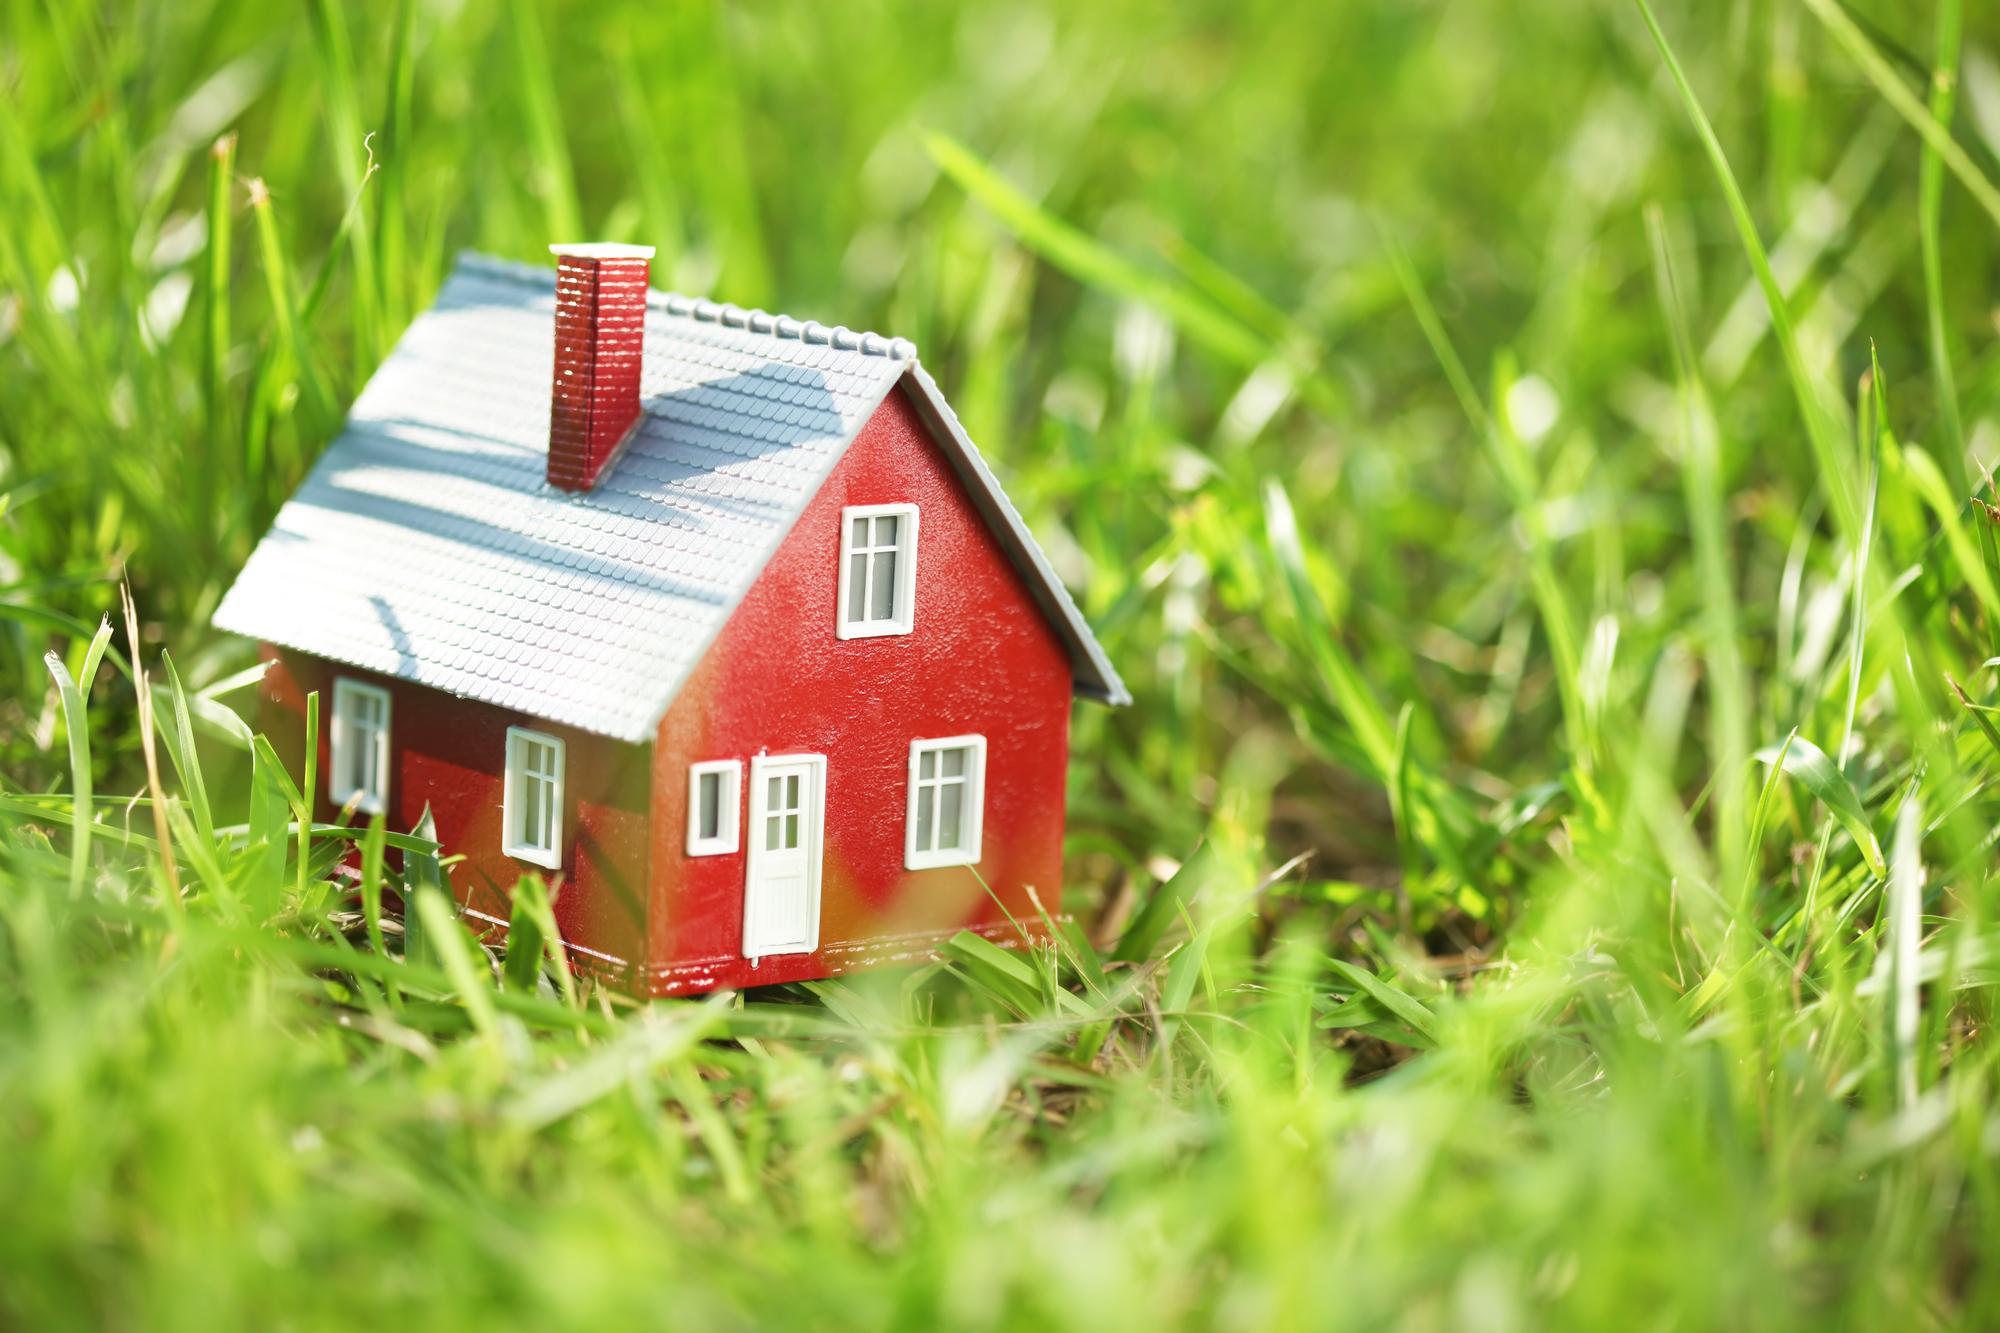 Trucs infaillibles pour une maison qui paraît soudainement plus grande